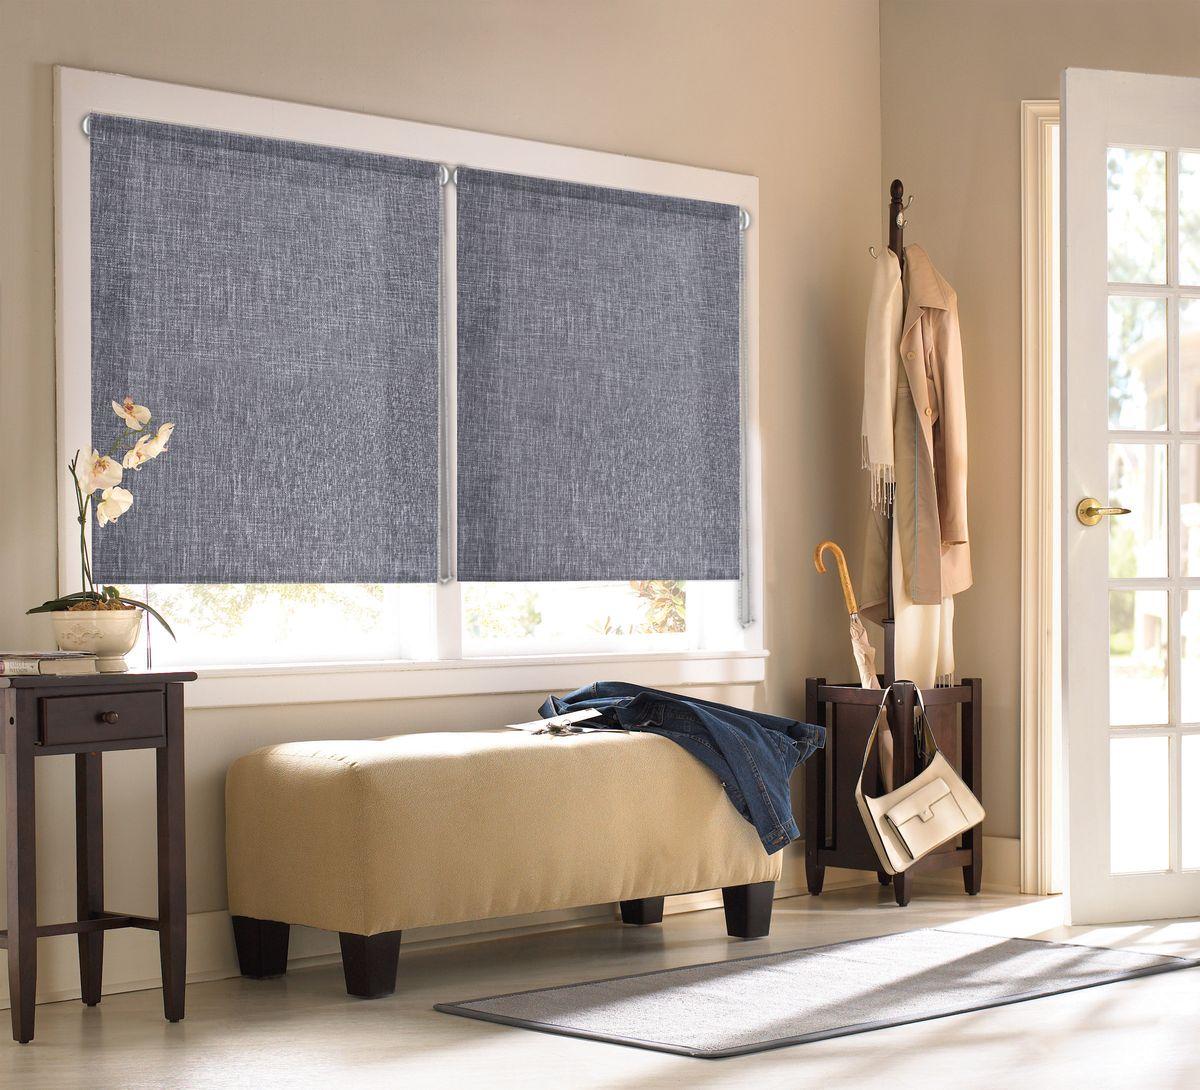 Штора рулонная Эскар Миниролло. Меланж, цвет: серый, ширина 83 см, высота 160 см304948083160Рулонными шторами можно оформлять окна как самостоятельно, так и использовать в комбинации с портьерами. Это поможет предотвратить выгорание дорогой ткани на солнце и соединит функционал рулонных с красотой навесных. Для изготовления рулонных штор используются ткани с различными рисунками и фактурой. Благодаря этому среди моделей рулонных штор для балконов и лоджий довольно большой выбор и вы всегда сможете подобрать для себя оптимальный вариант. Преимущества применения рулонных штор для пластиковых окон: - имеют прекрасный внешний вид: многообразие и фактурность материала изделия отлично смотрятся в любом интерьере; - многофункциональны: есть возможность подобрать шторы способные эффективно защитить комнату от солнца, при этом она не будет слишком темной. - Есть возможность осуществить быстрый монтаж. ВНИМАНИЕ! Размеры ширины изделия указаны по ширине ткани! Для выбора правильного размера необходимо учитывать – ткань должна закрывать оконное стекло на 3 см. Однотонная палитра...